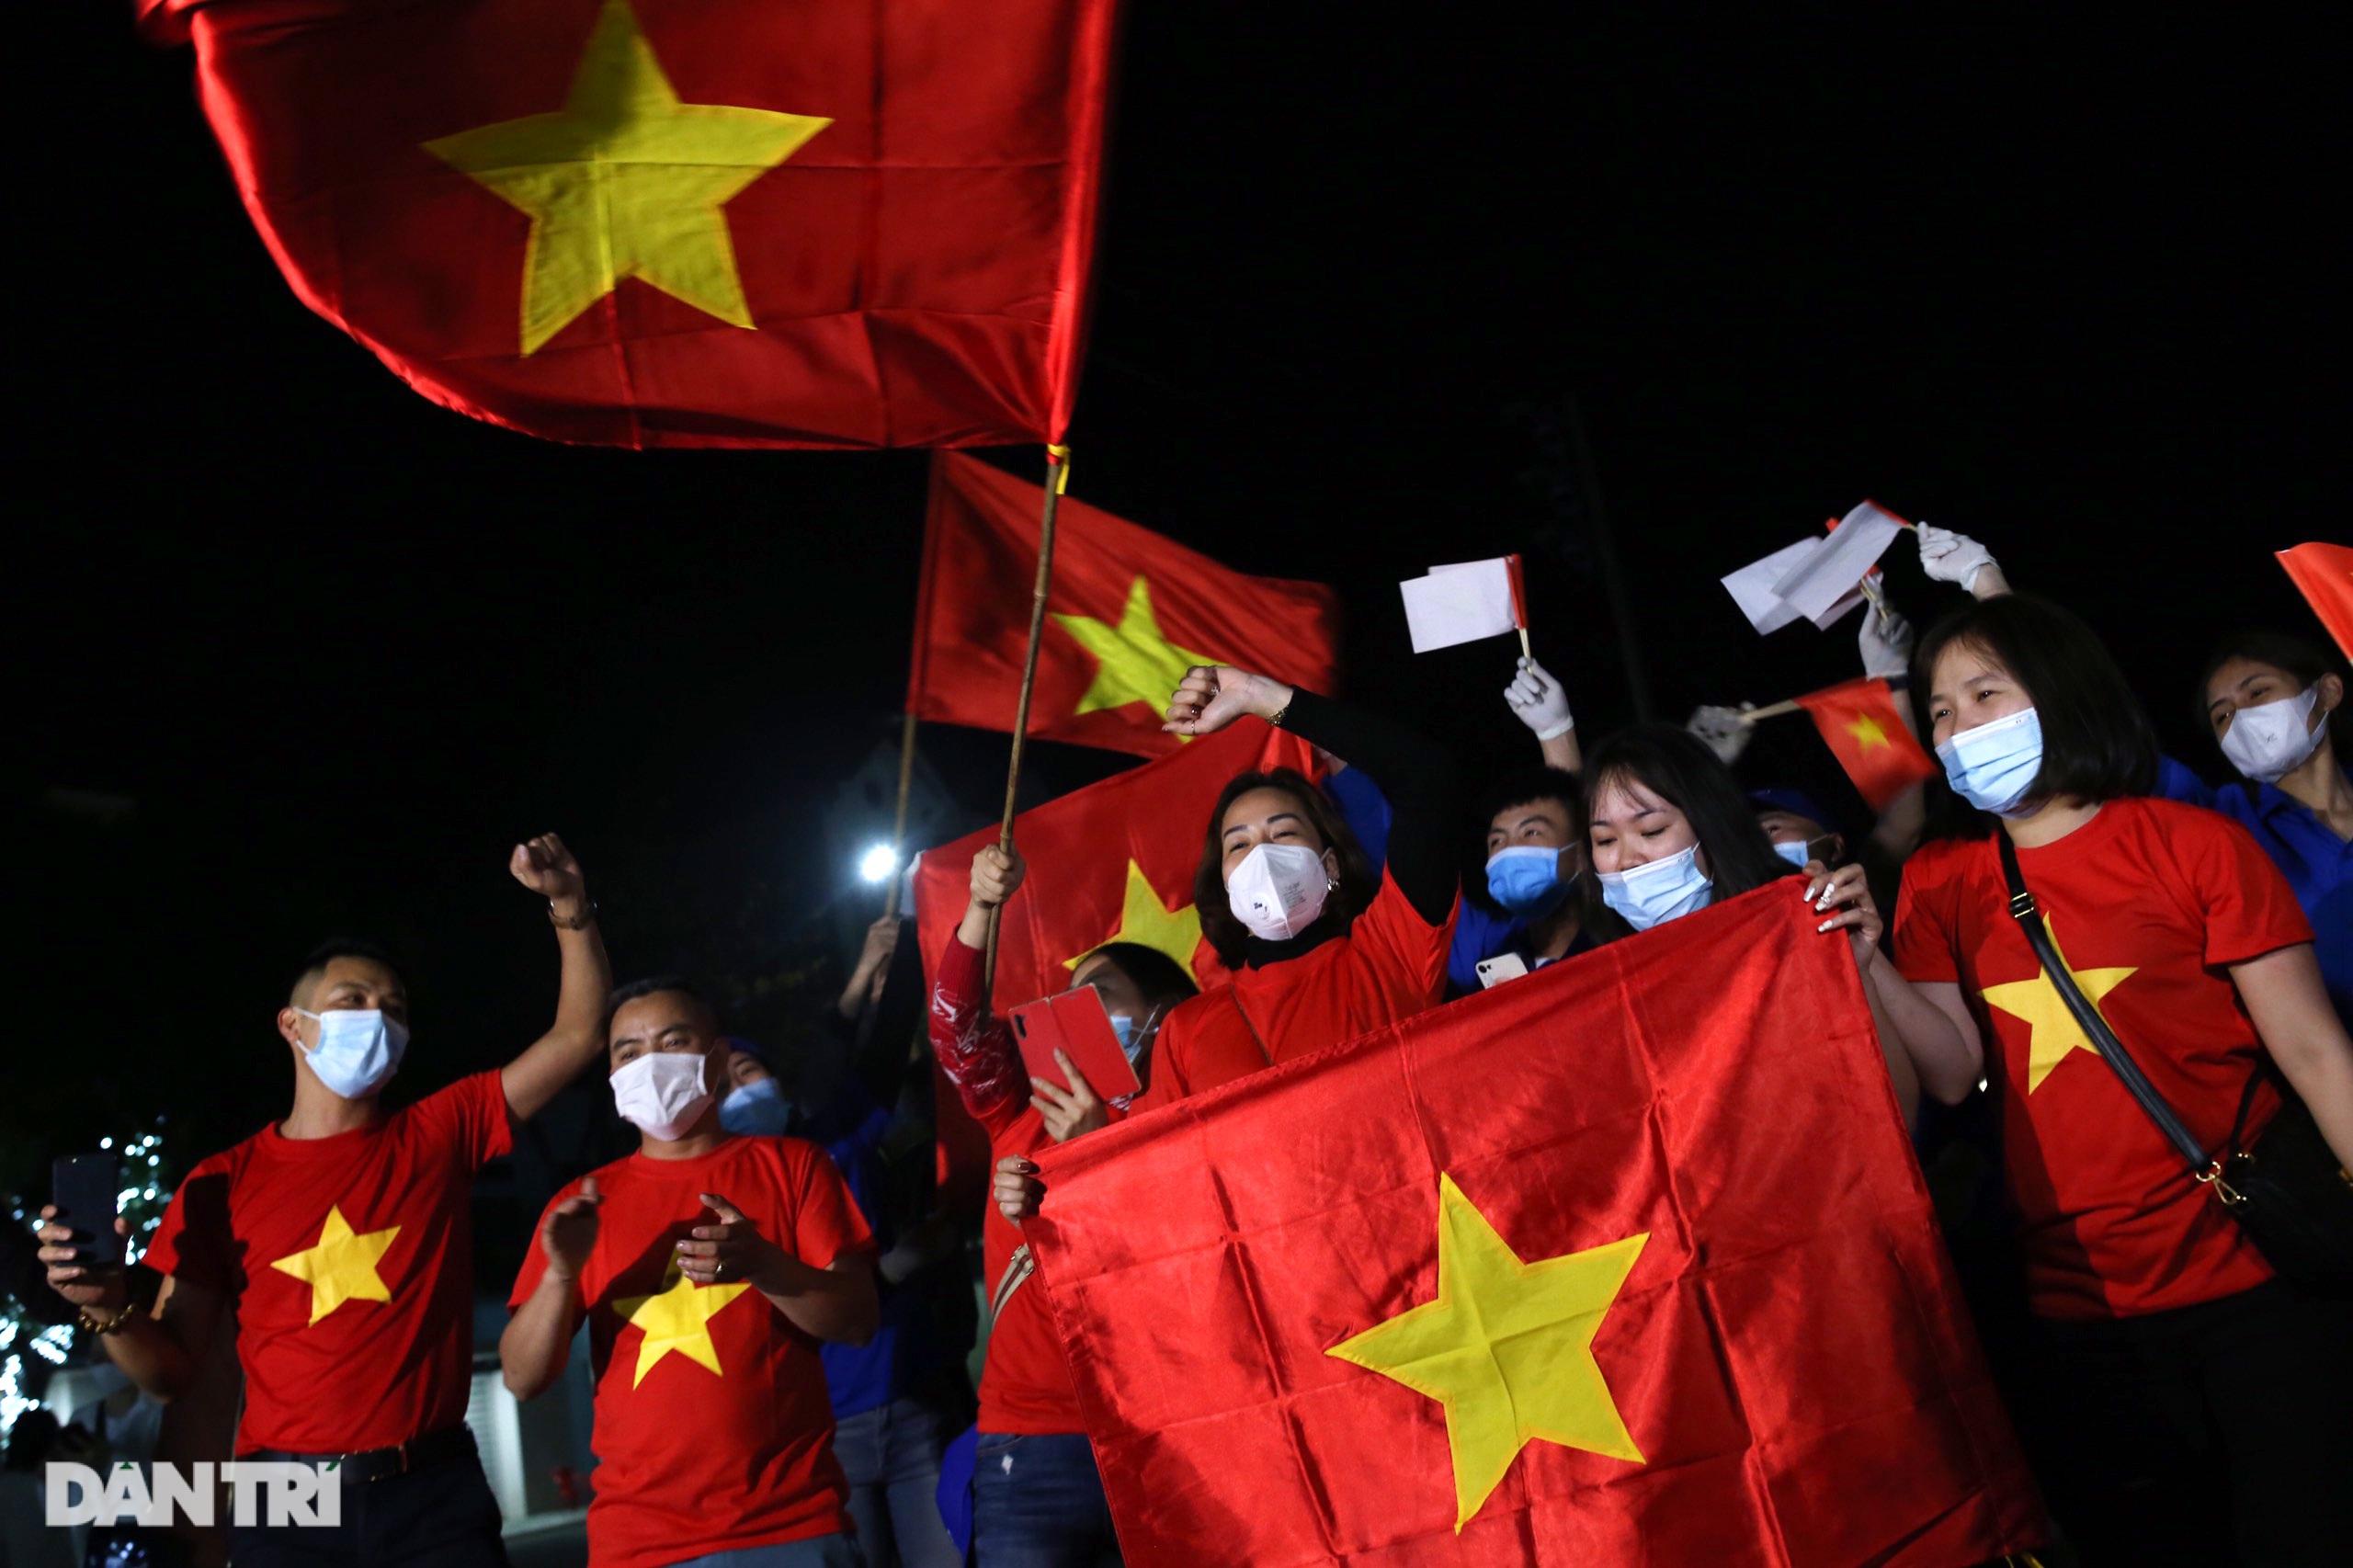 Pháo hoa rực rỡ, người dân vỡ òa cảm xúc khi TP Chí Linh được gỡ phong tỏa - 4